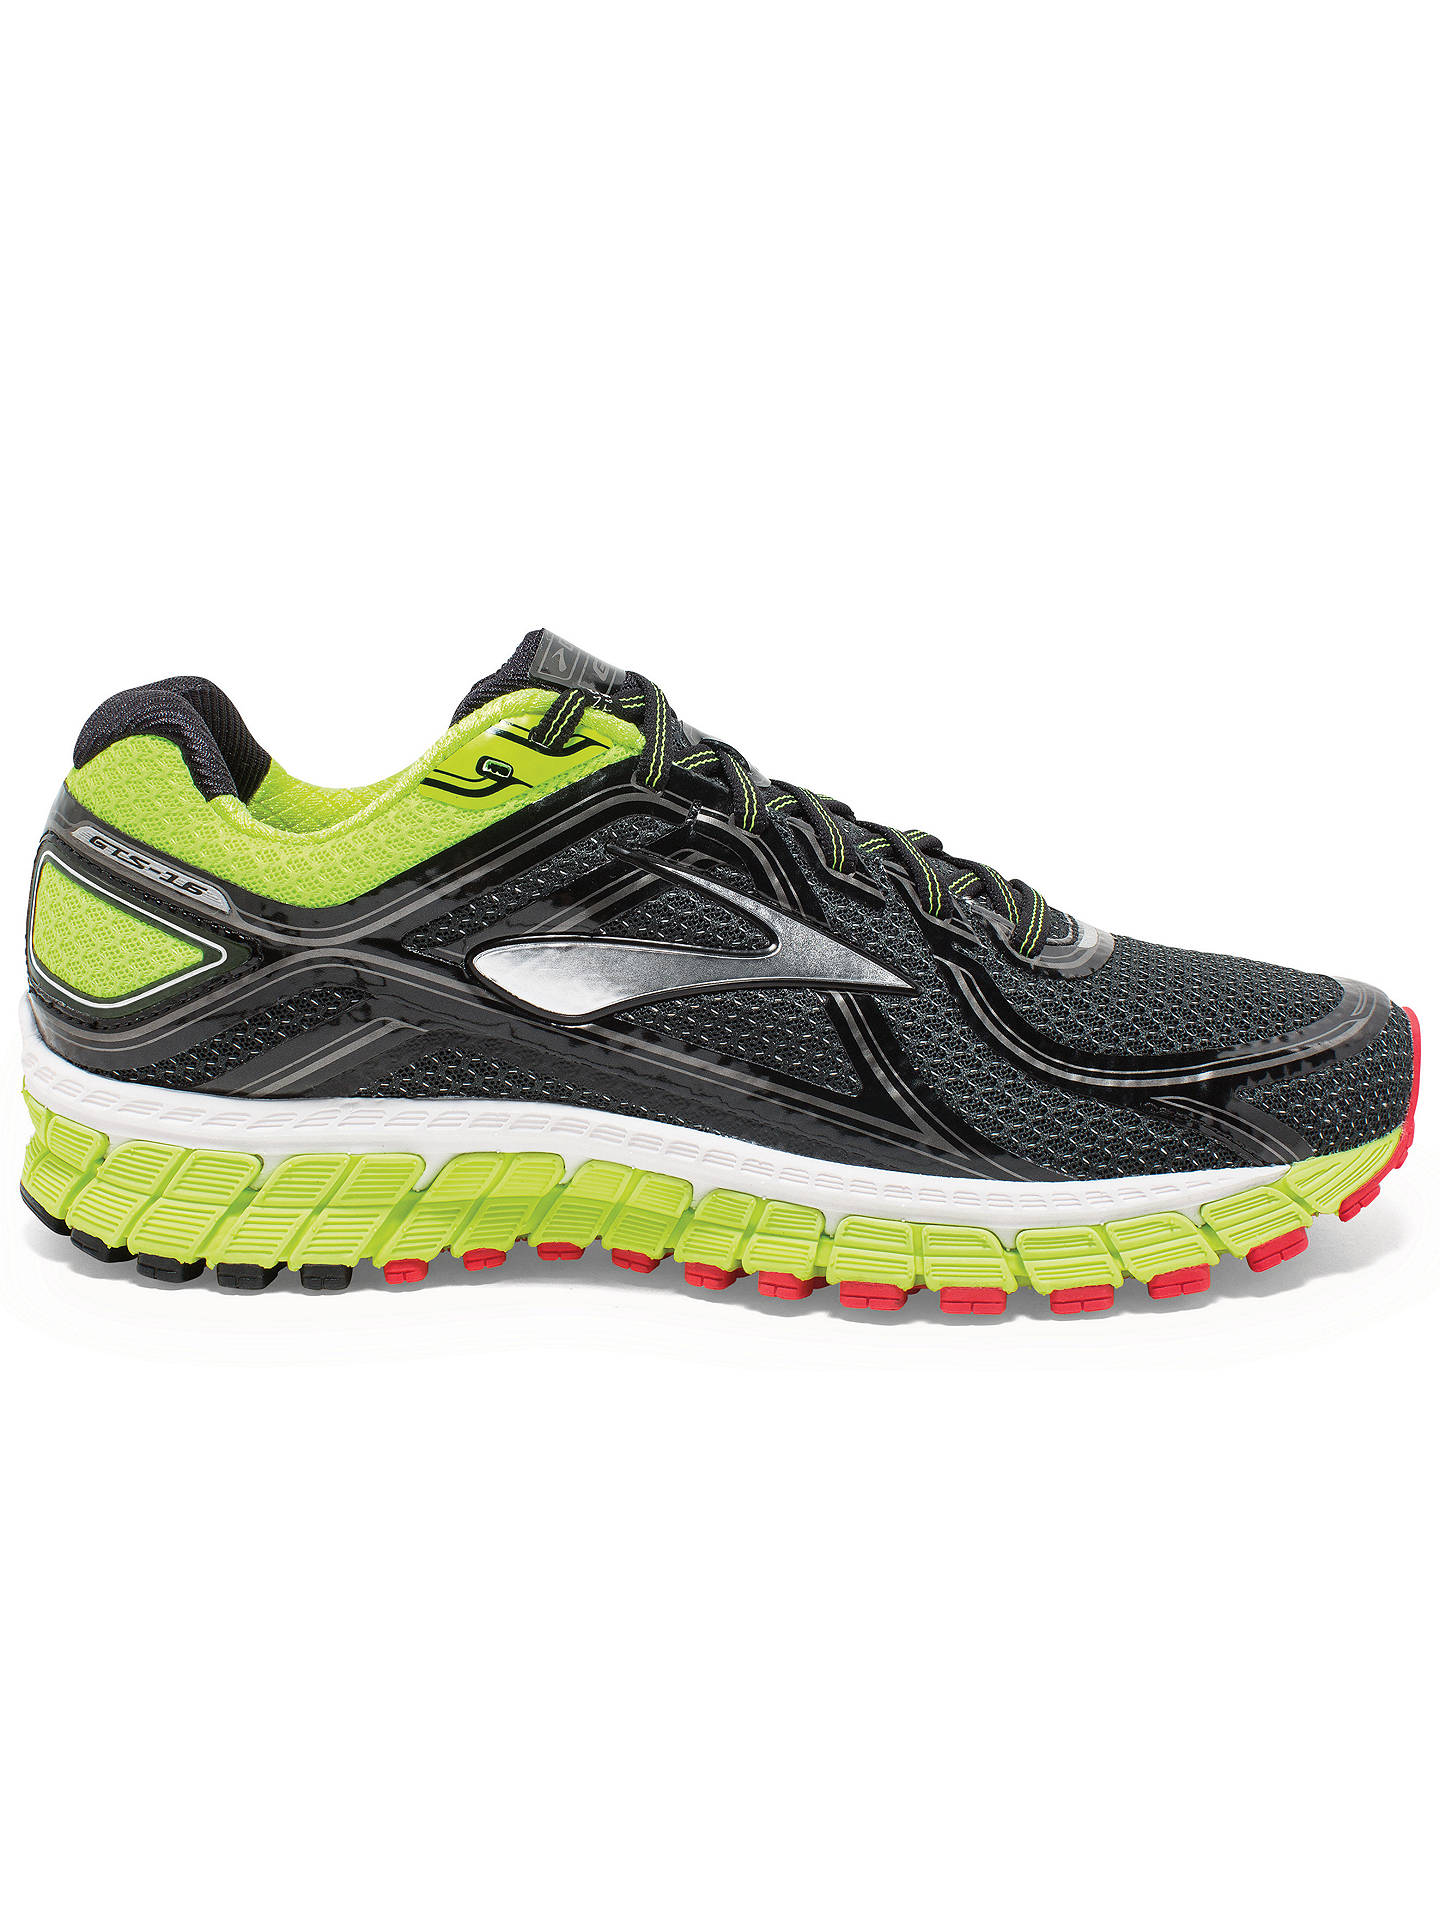 84876099df4 Buy Brooks Adrenaline GTS 16 Men s Running Shoes